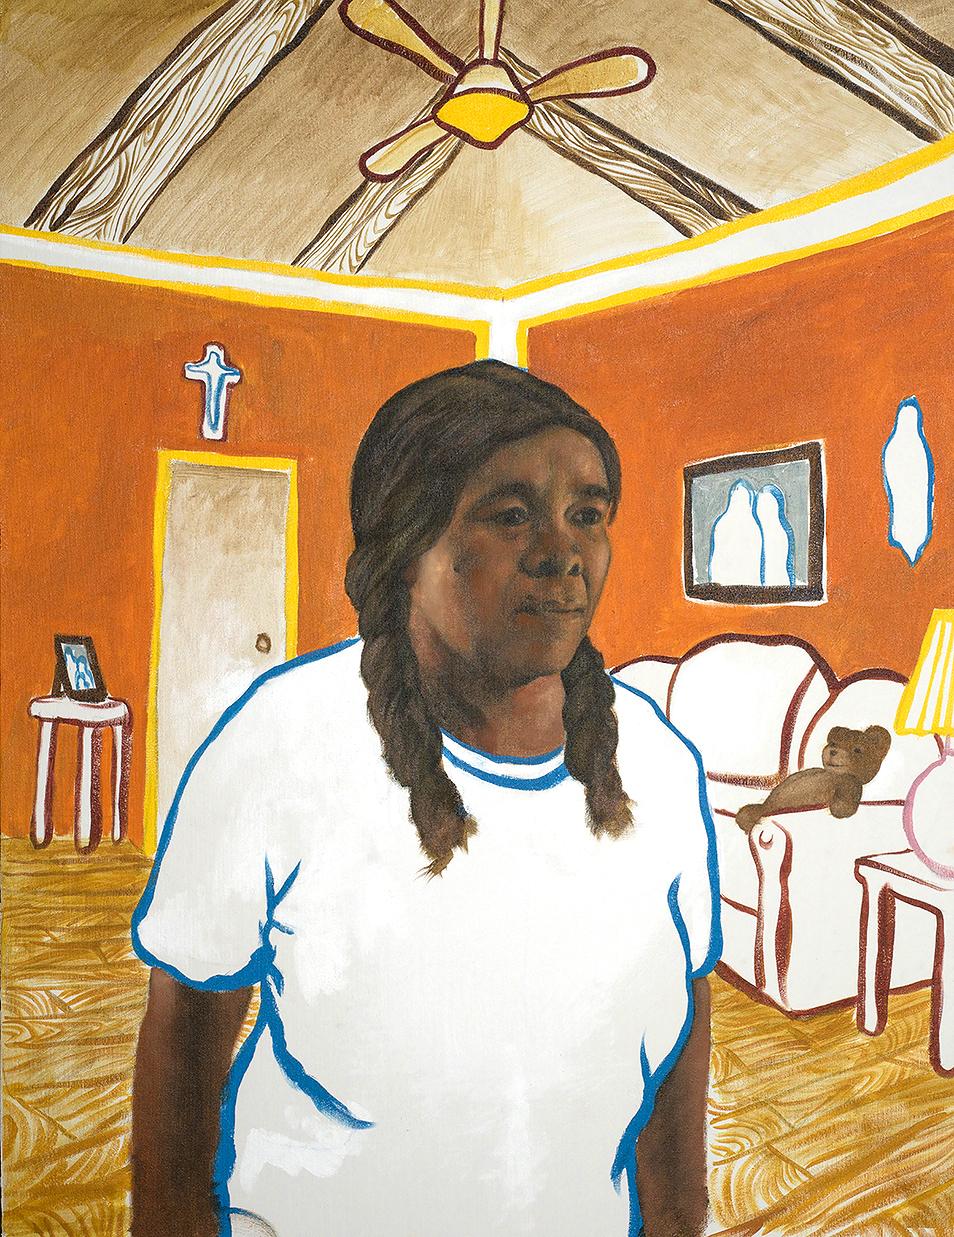 Mi Familia Es Mi Mundo, Oil and Acrylic on Canvas, 2018, 27 x 32 in